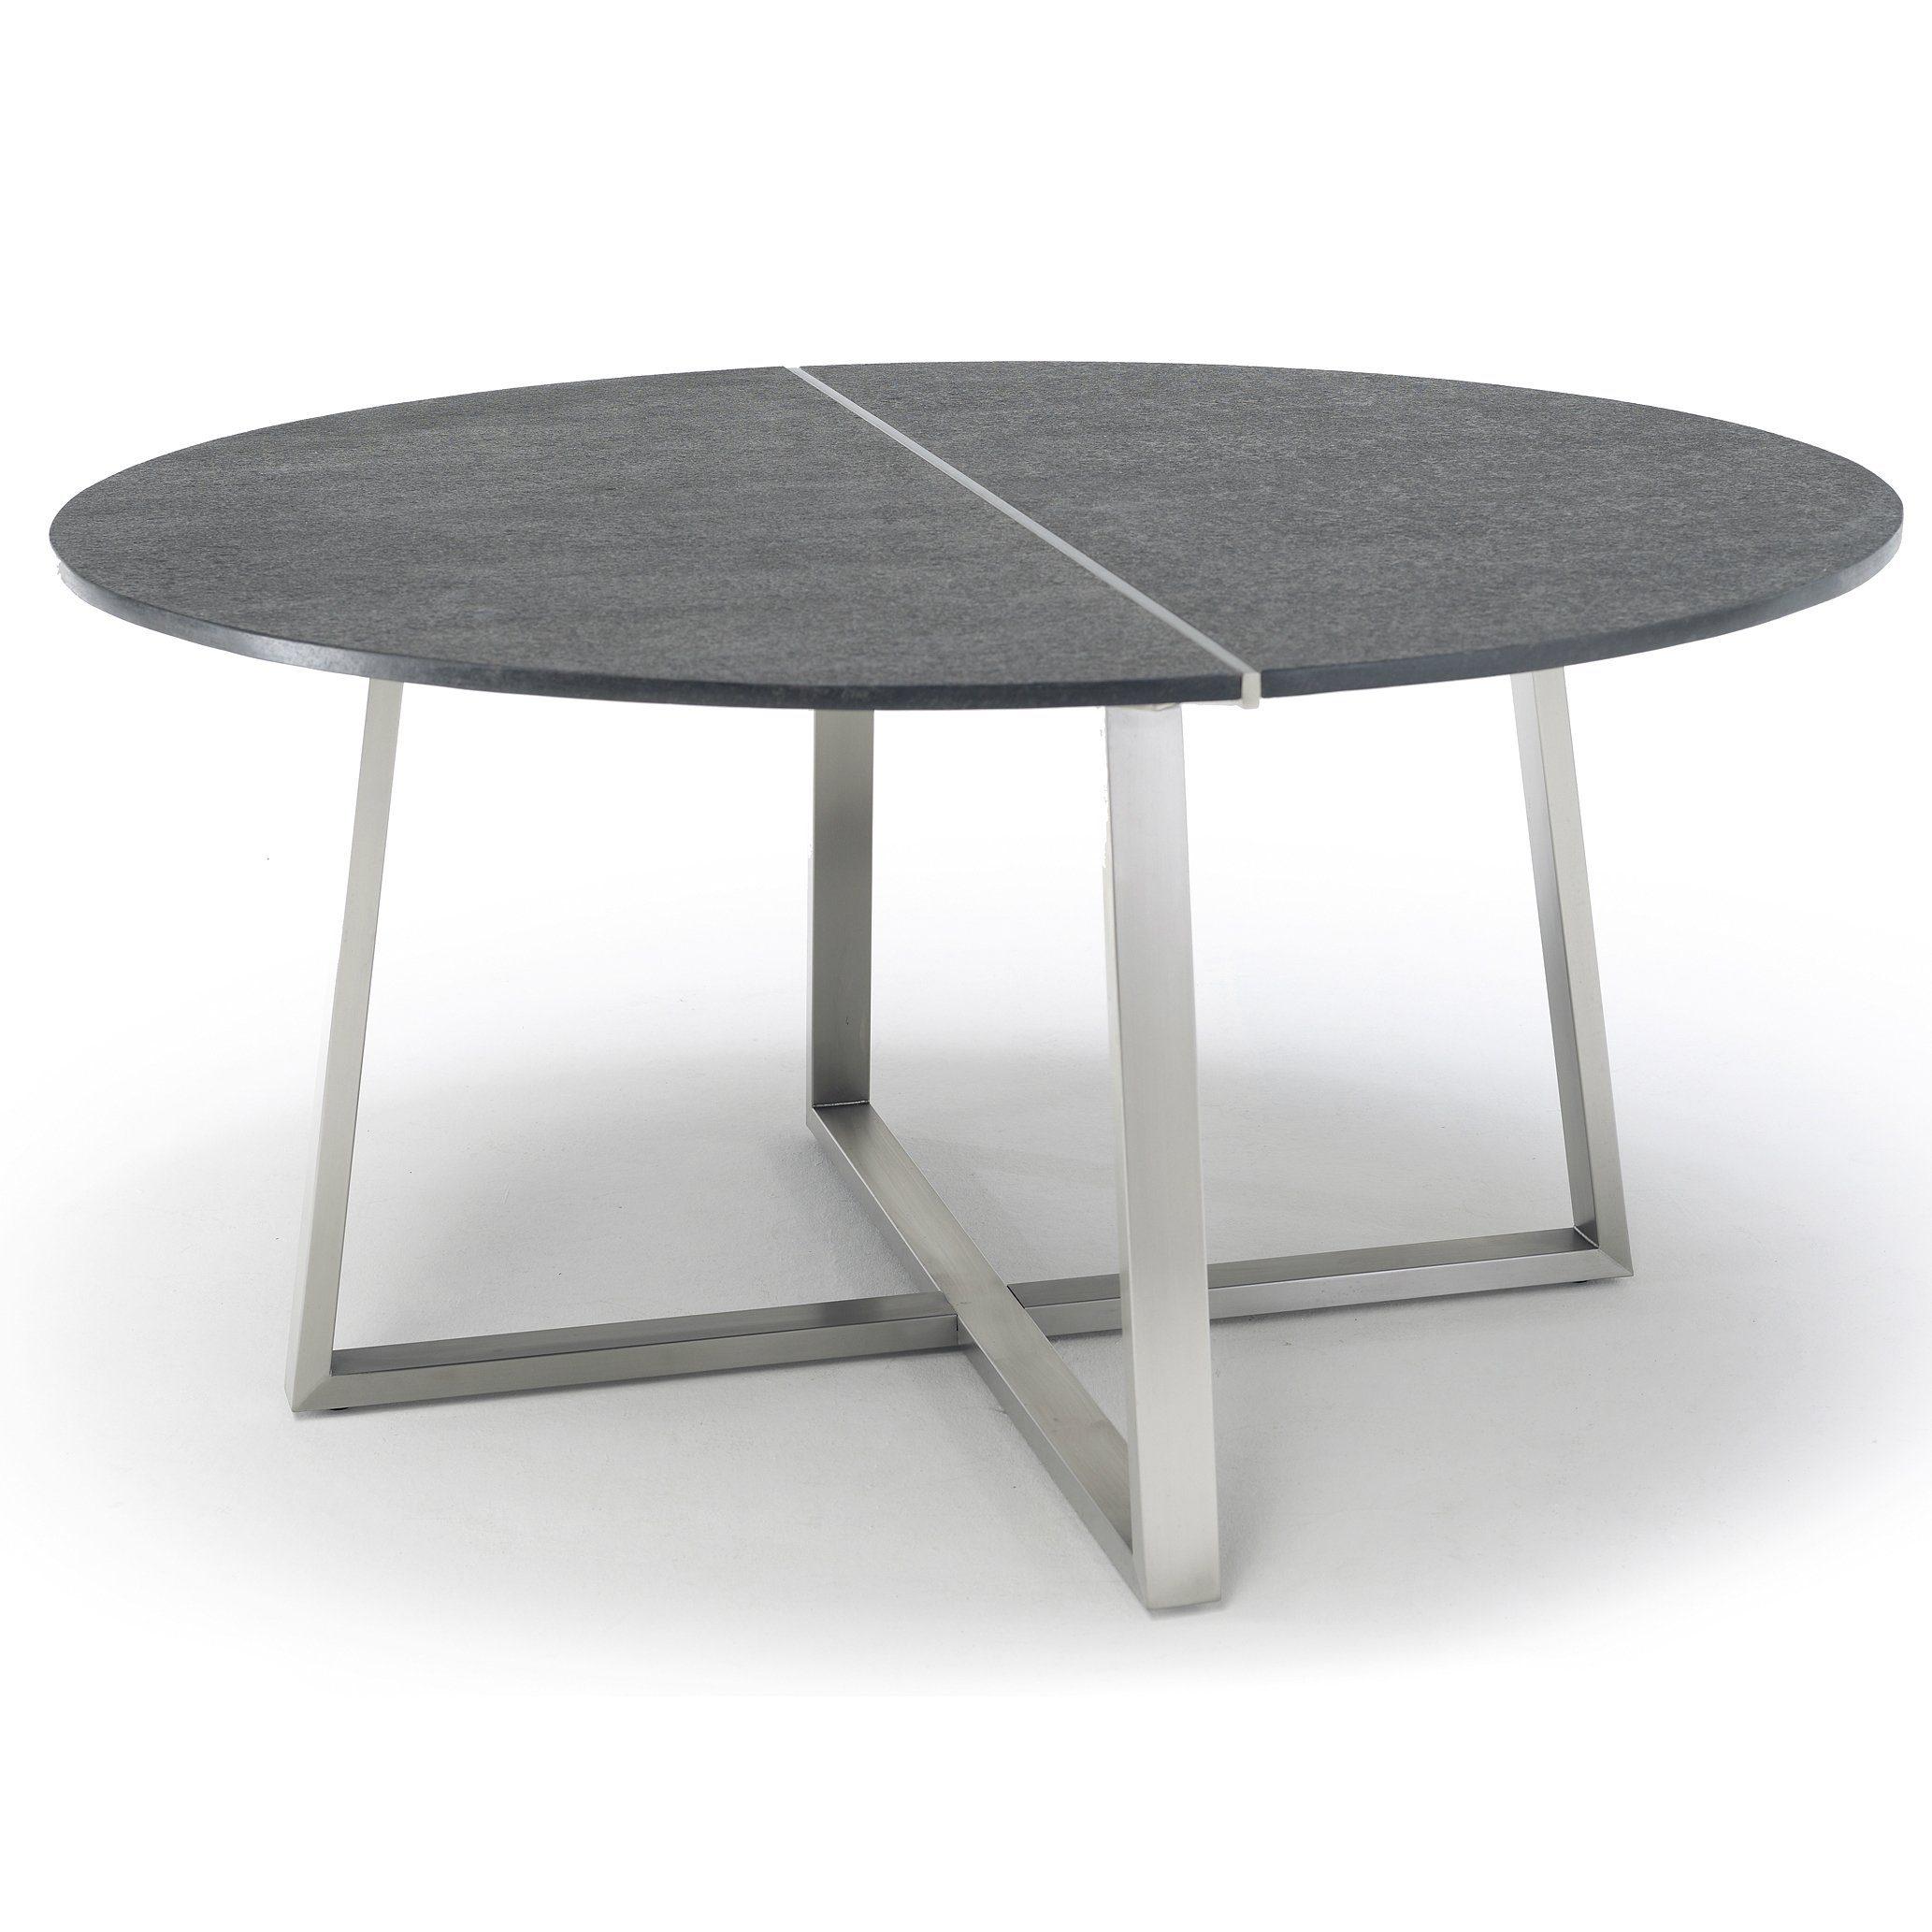 Gartentisch R Series, Dining Tisch Von Solpuri, Edelstahlgestell,  Tischplatte Keramik